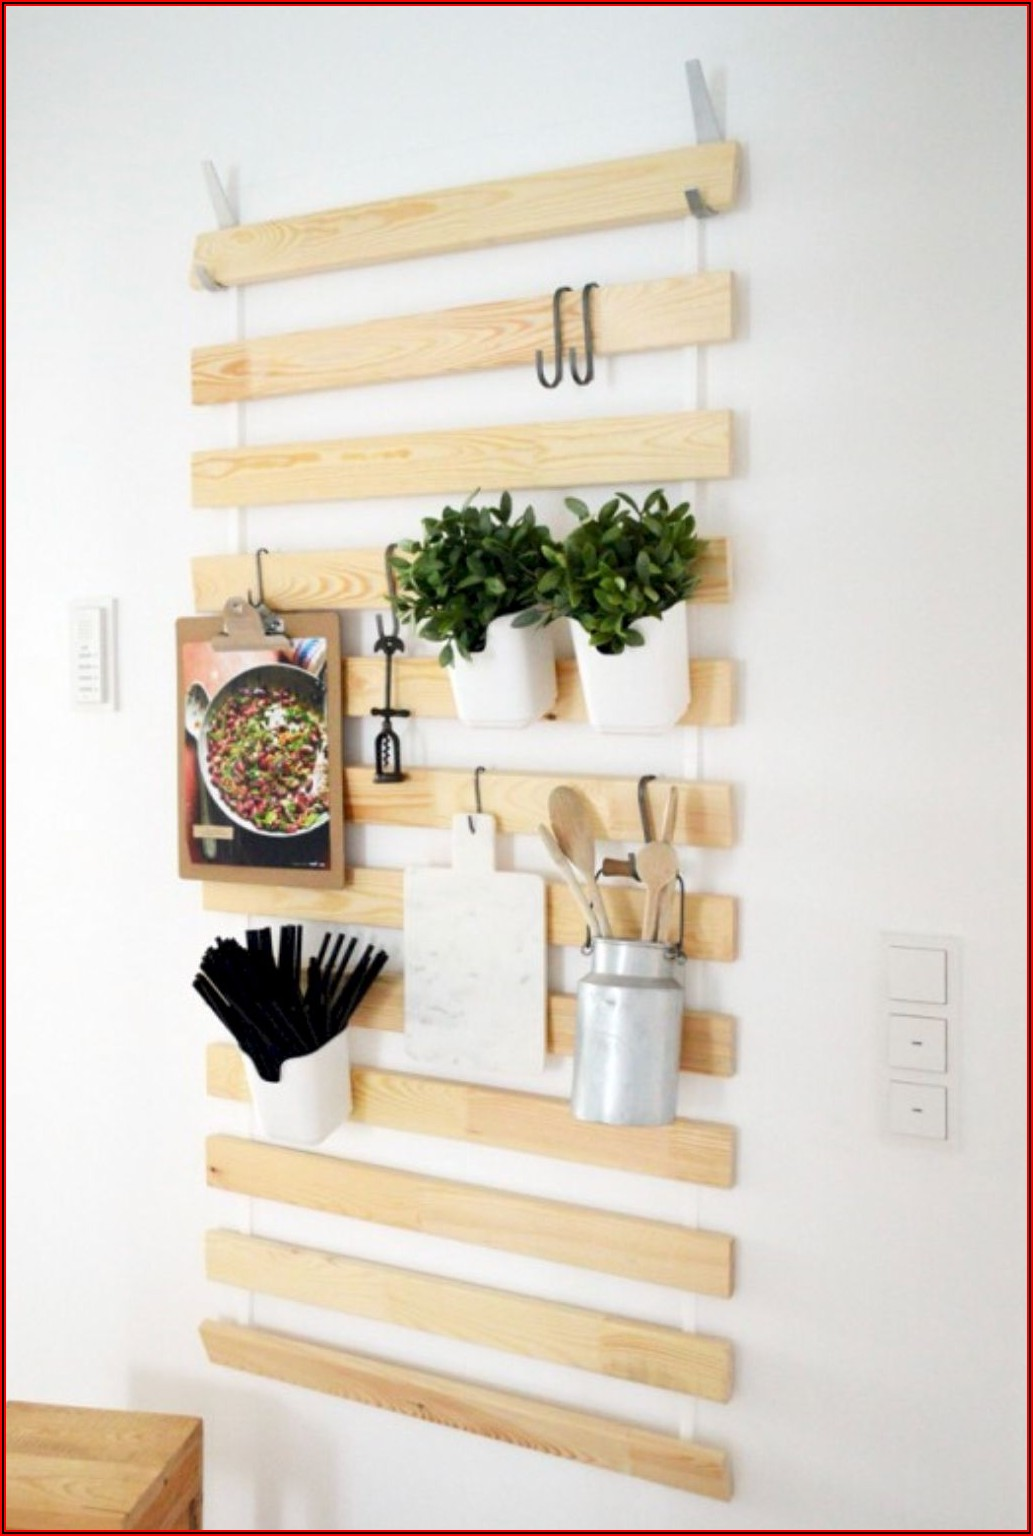 Kosten Kleine Küche Ikea